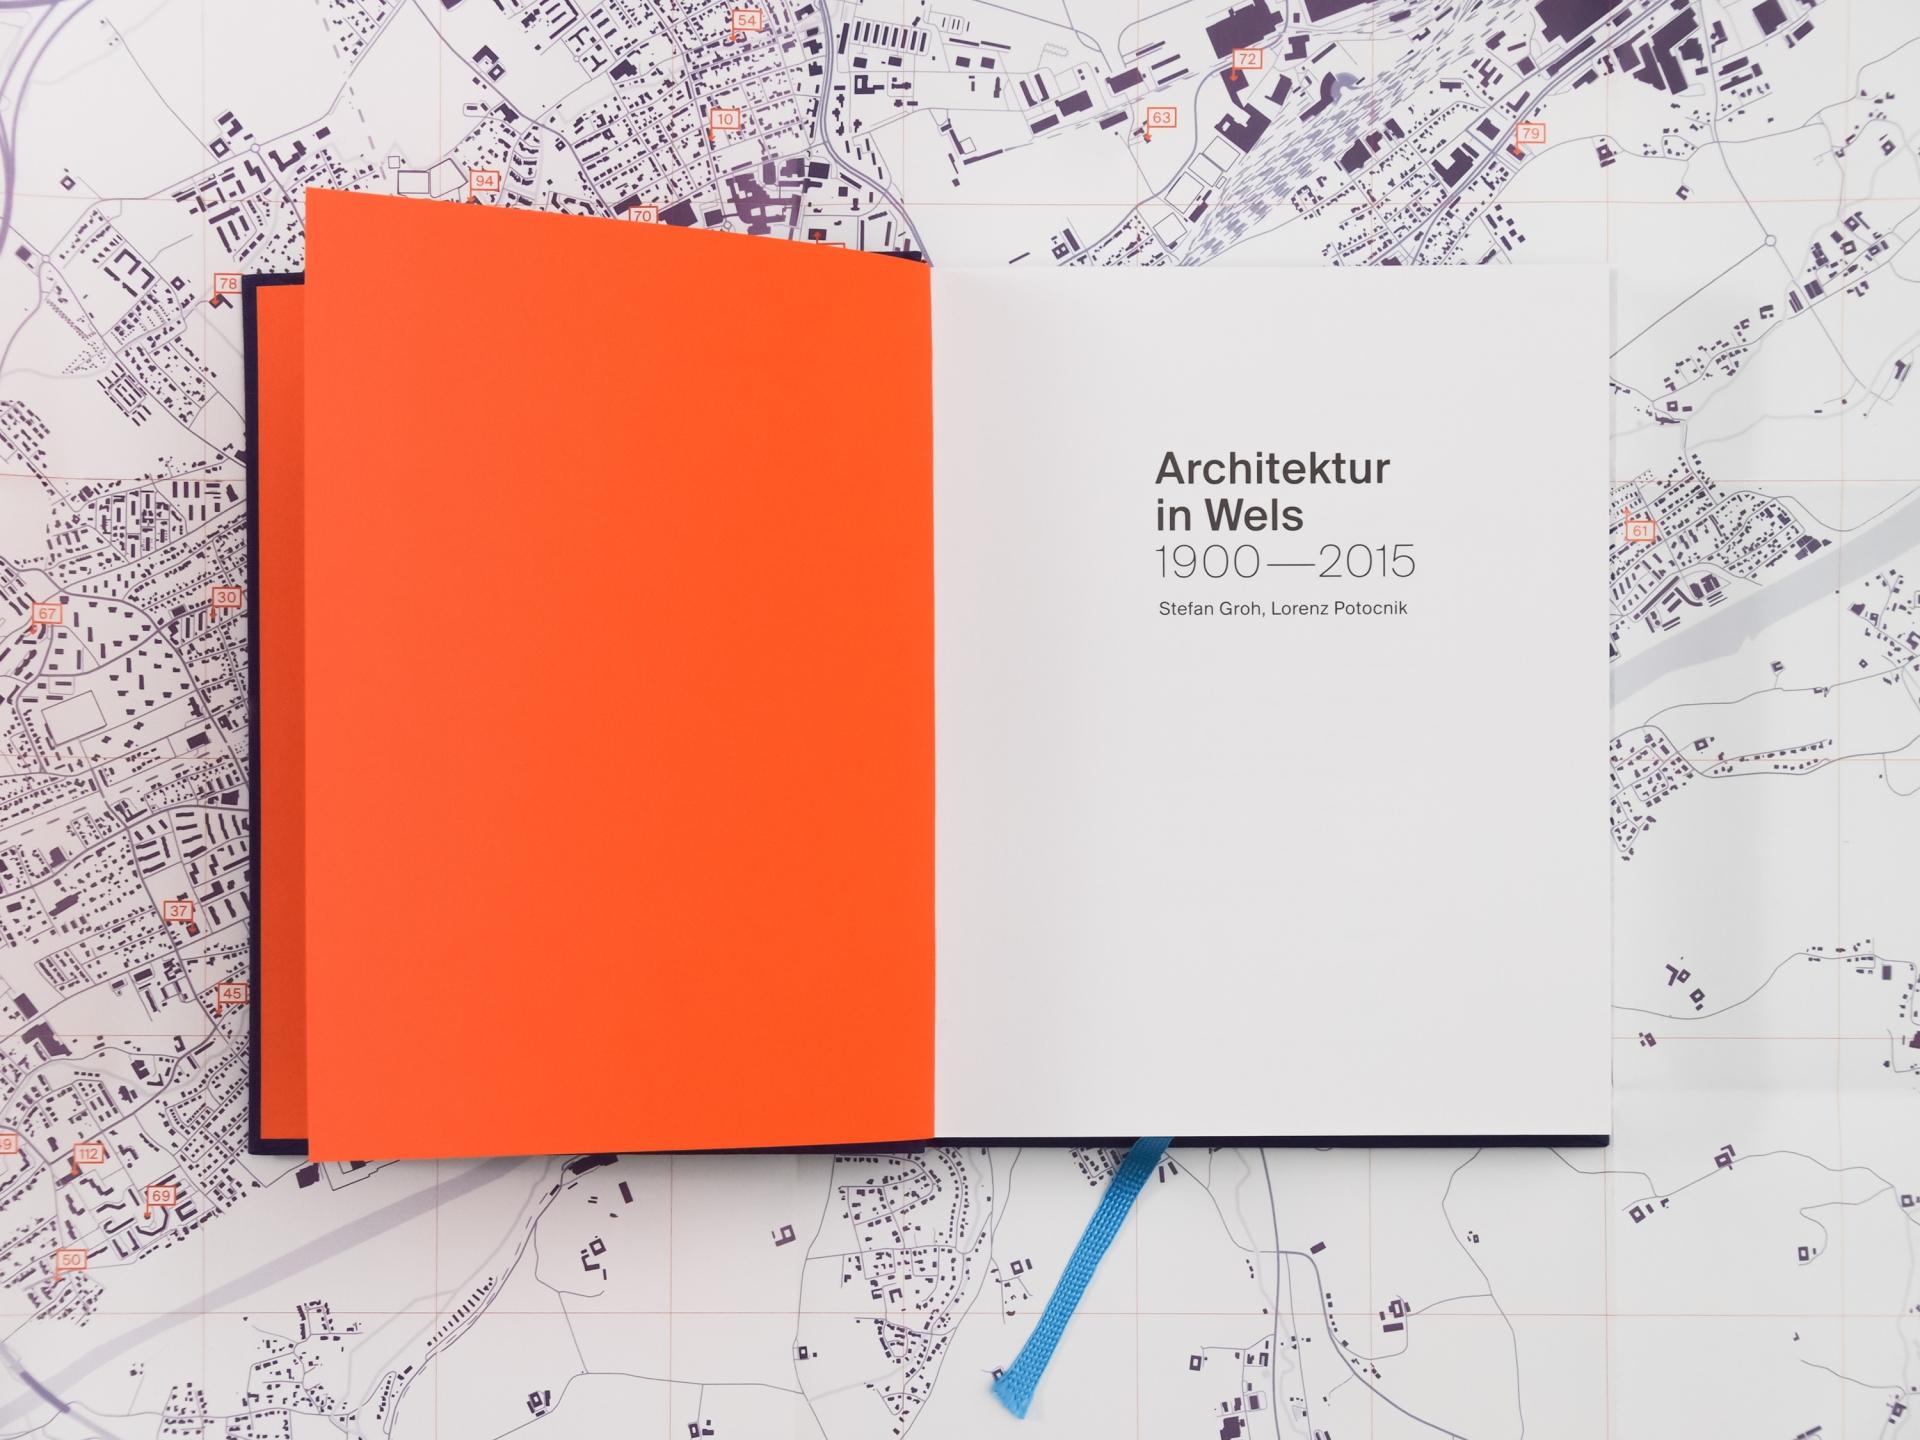 Grafikum Architektur in Wels